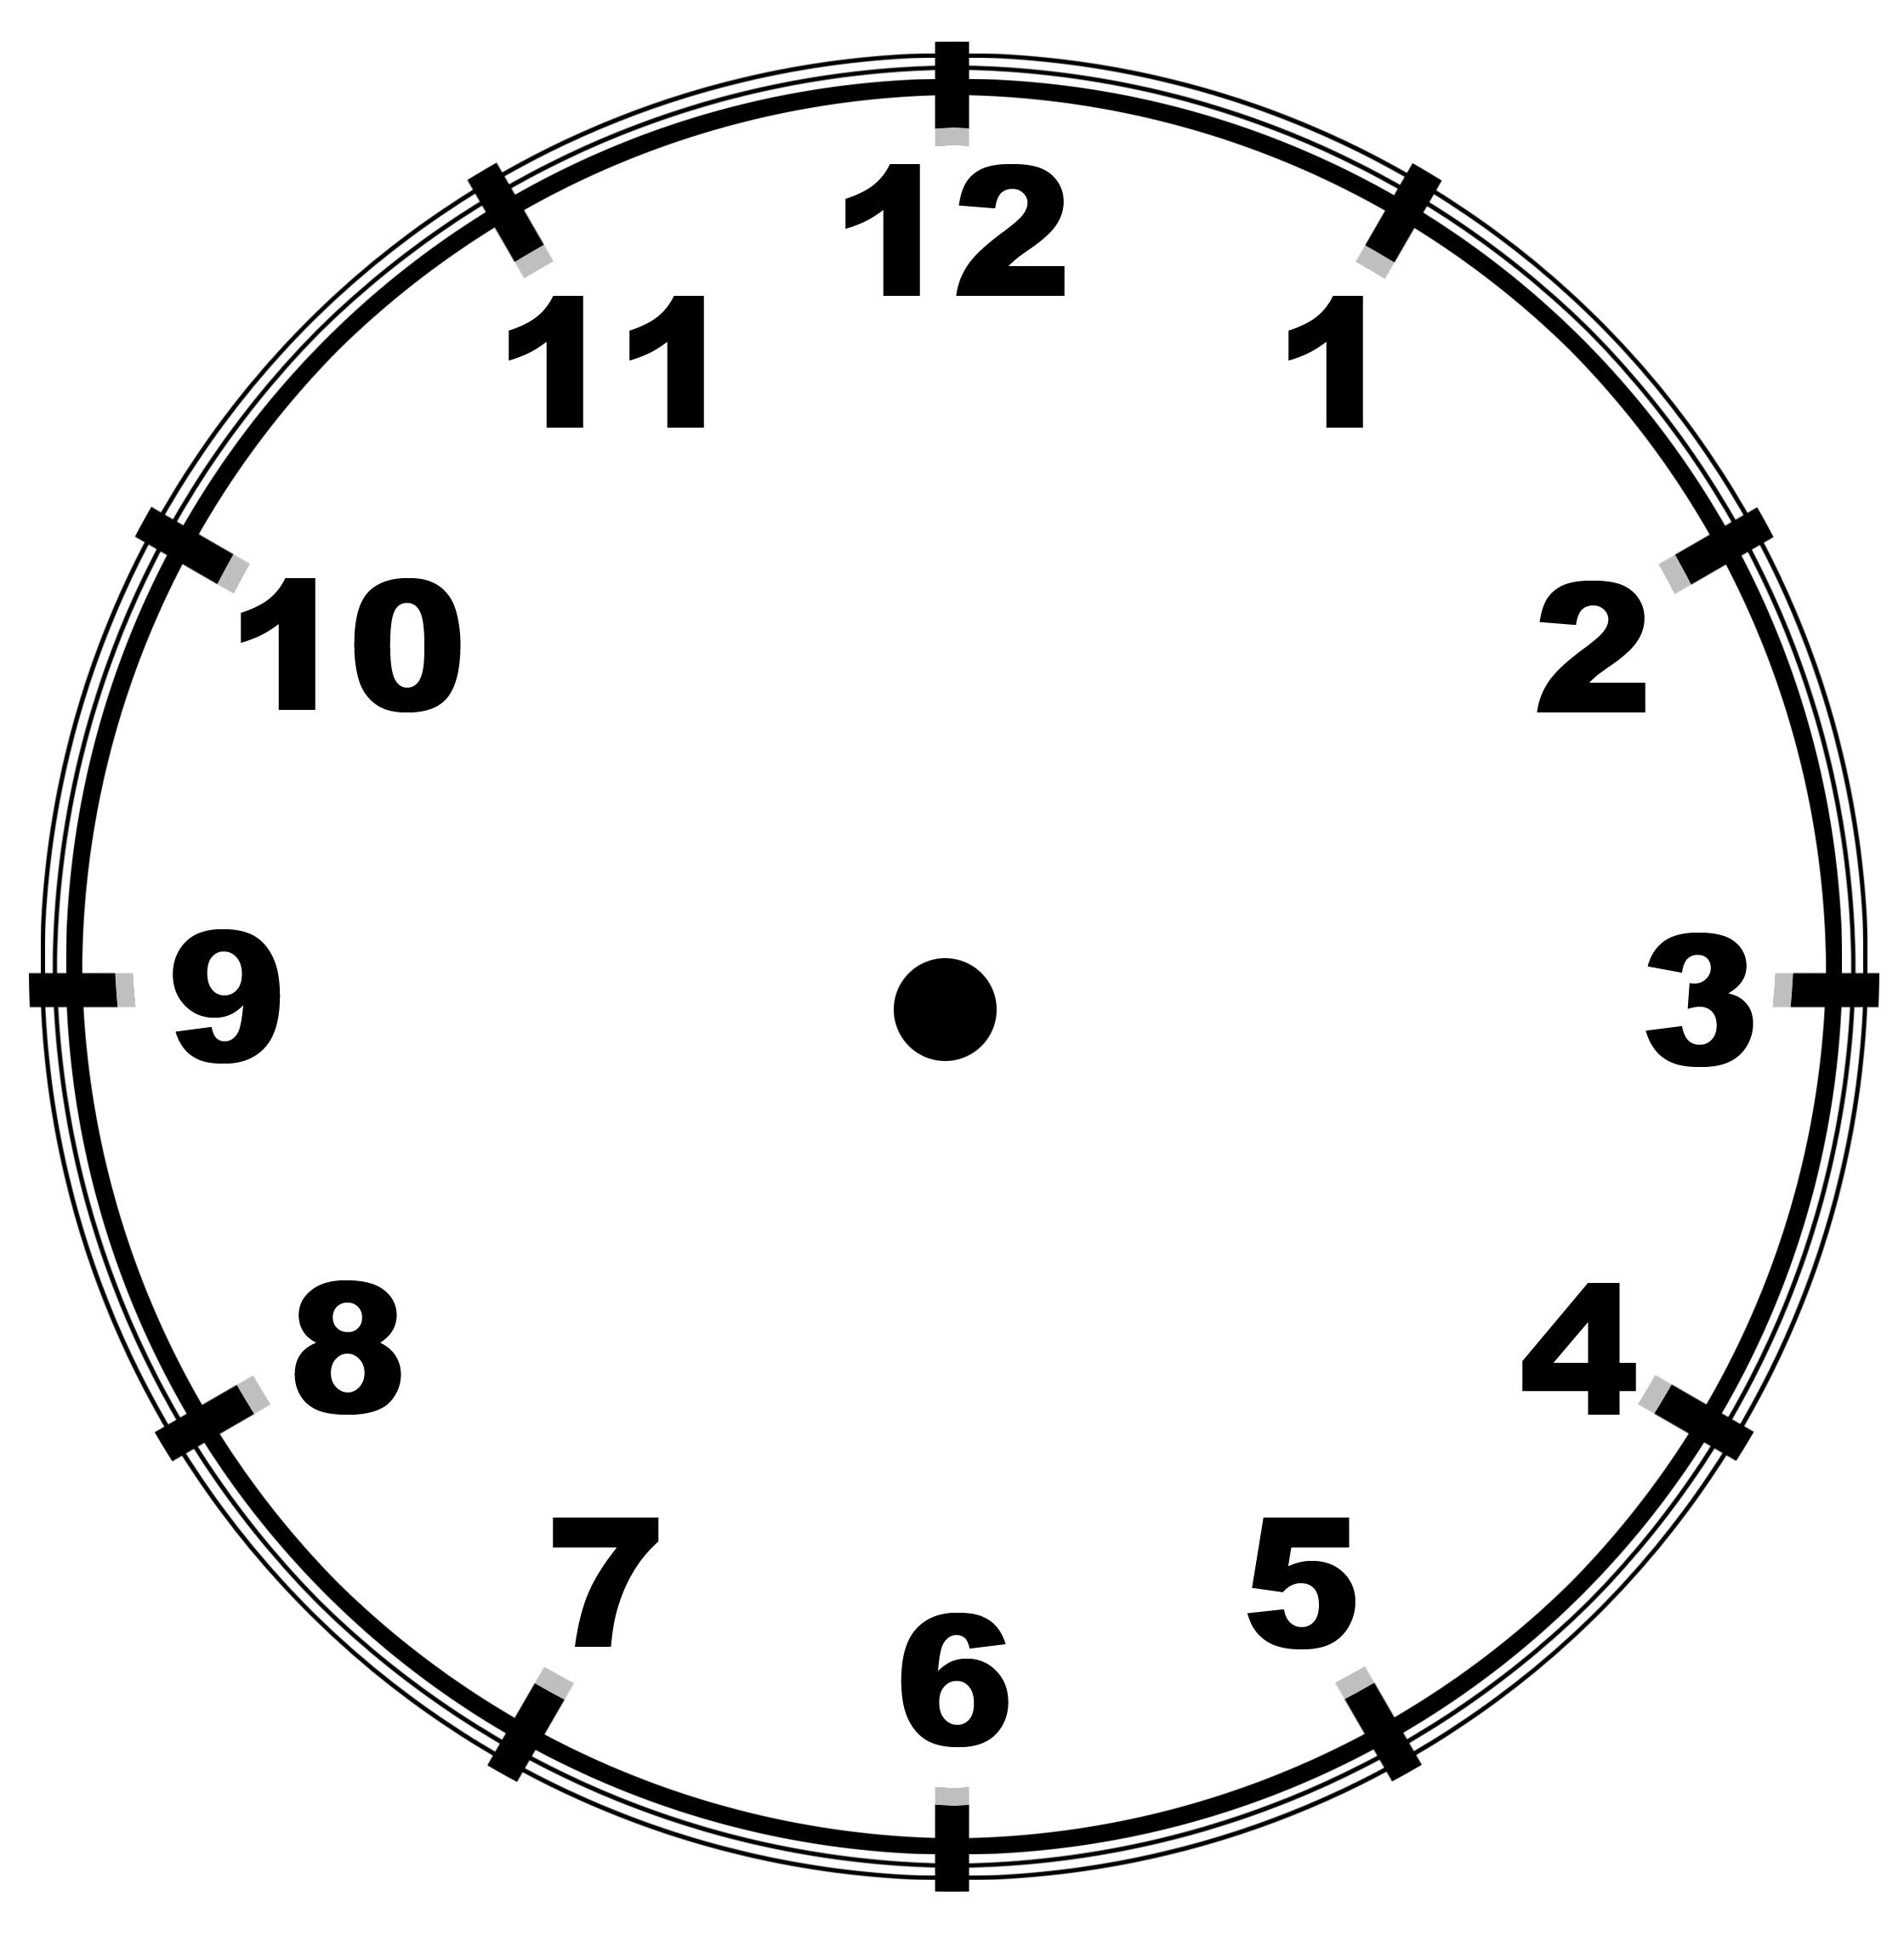 Worksheet Clock Template Grass Fedjp Worksheet Study Site